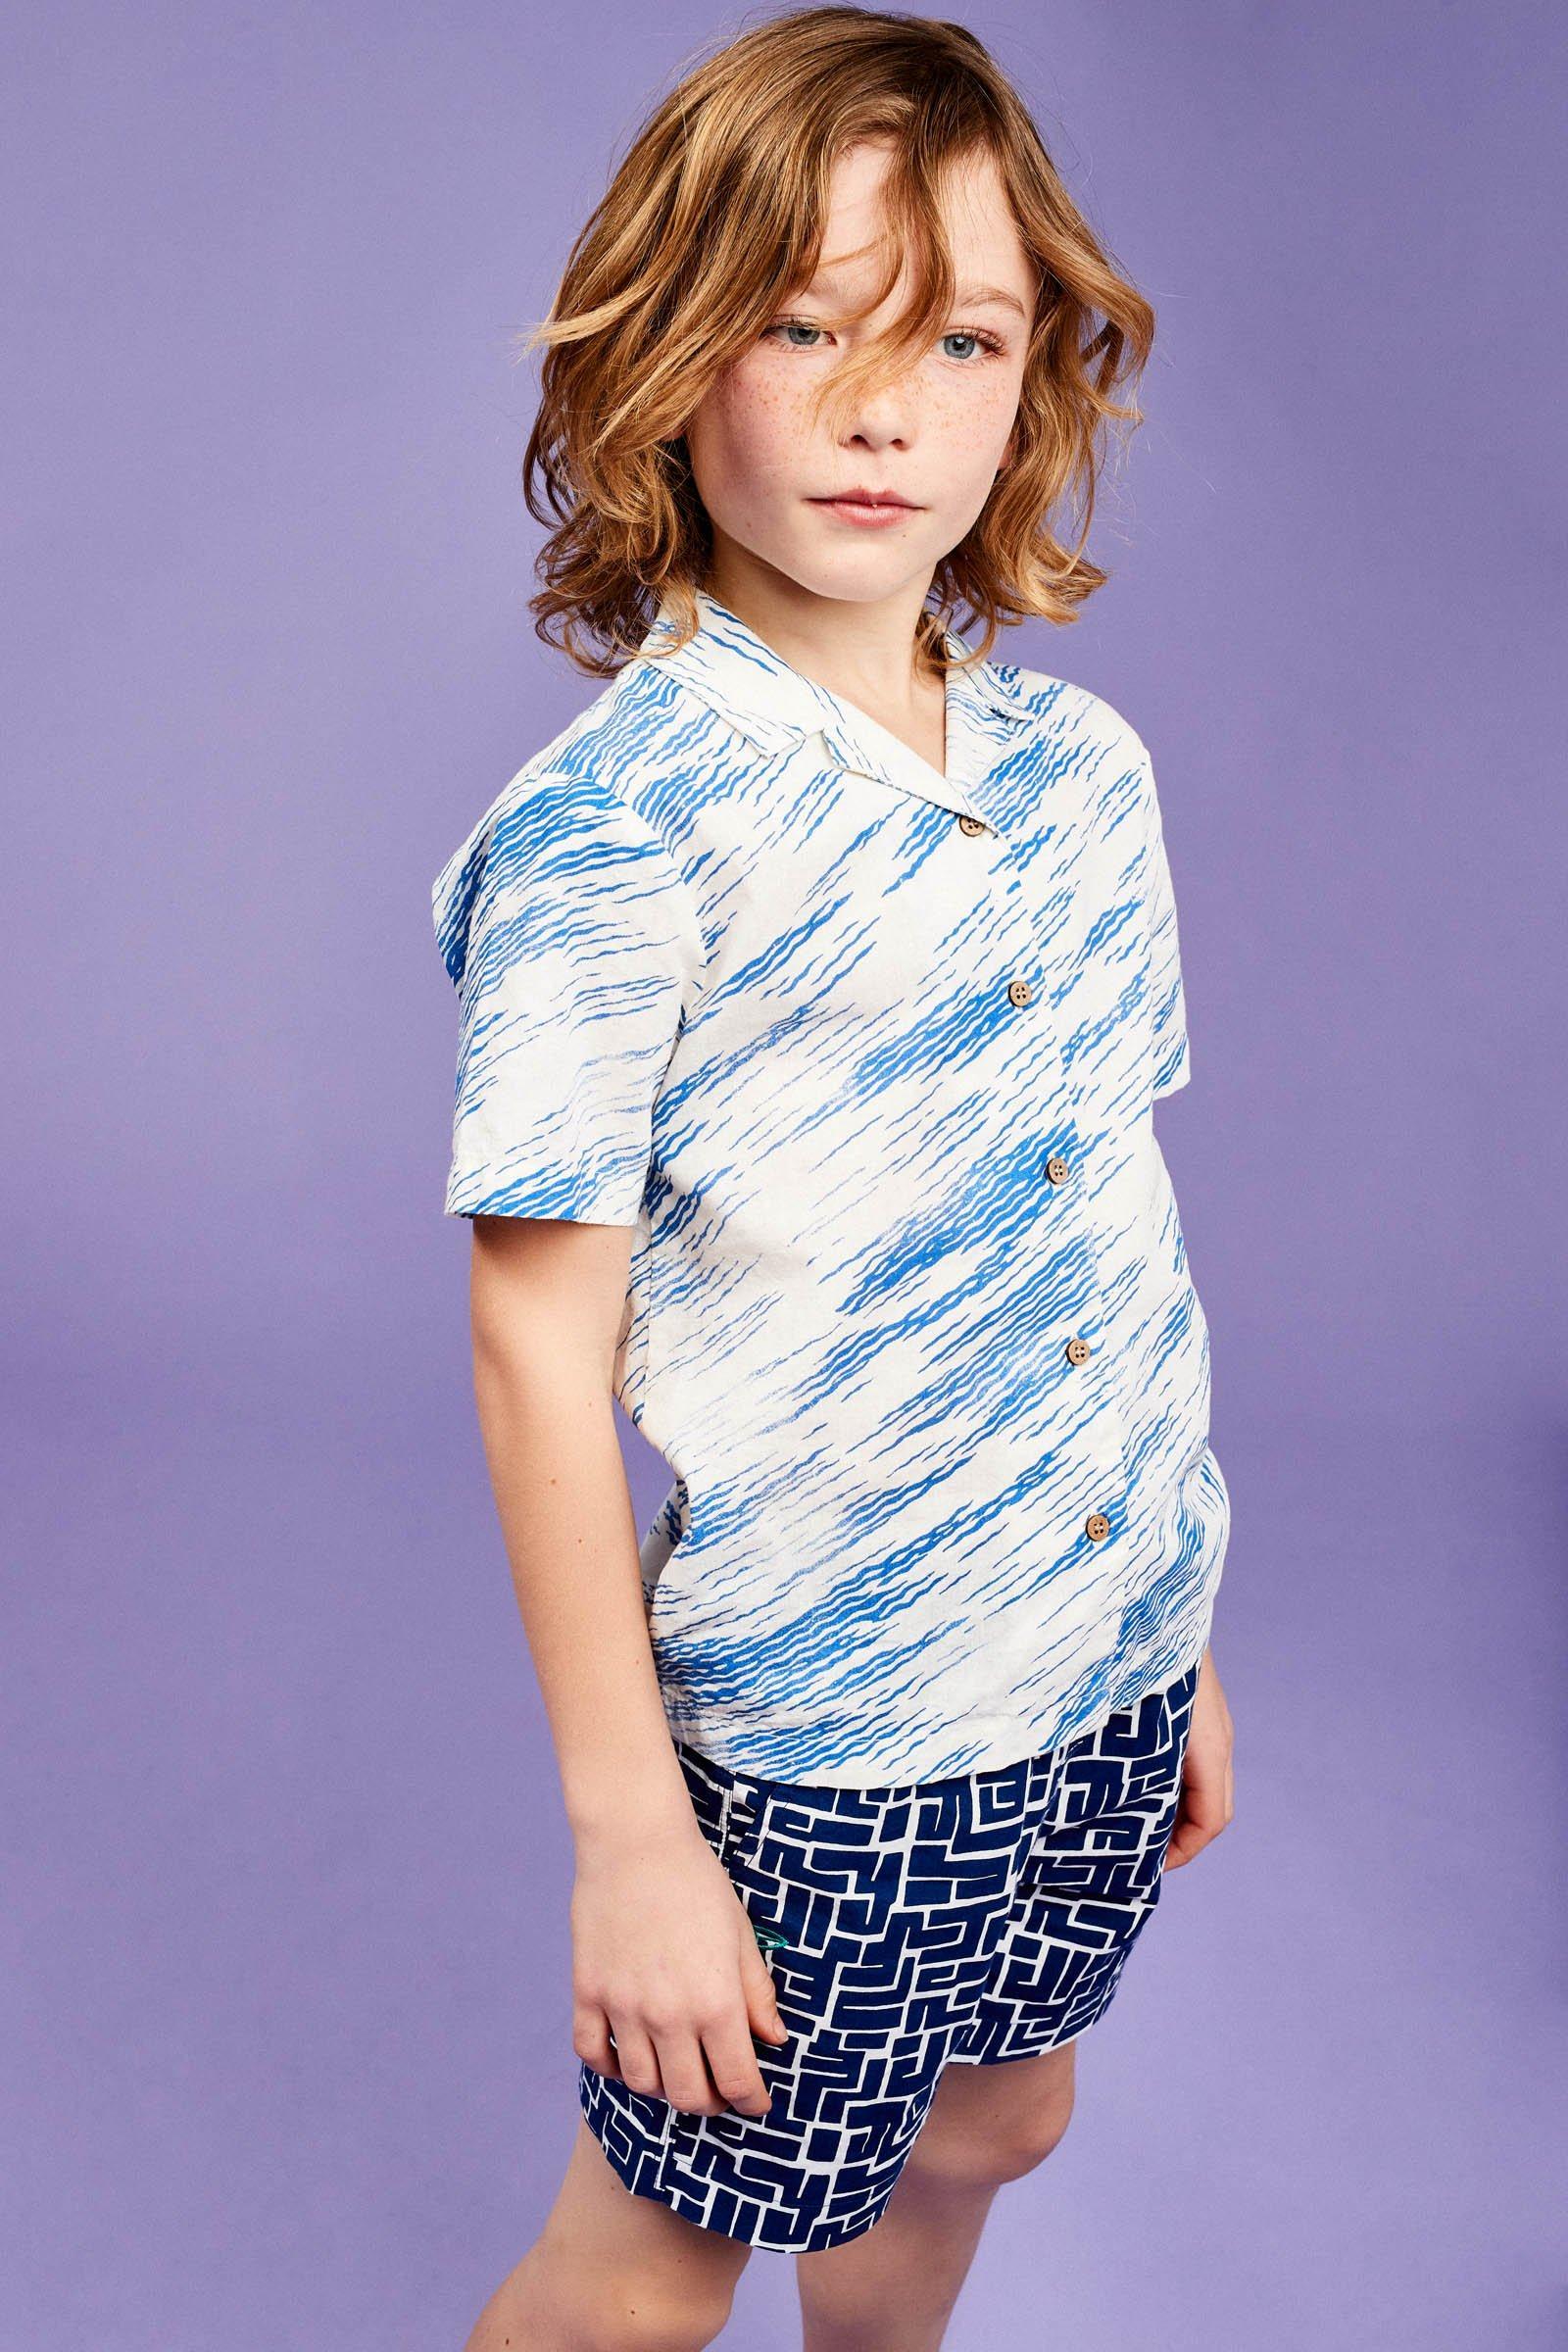 CKS Kids - OLIVER - shirt korte mouwen - wit